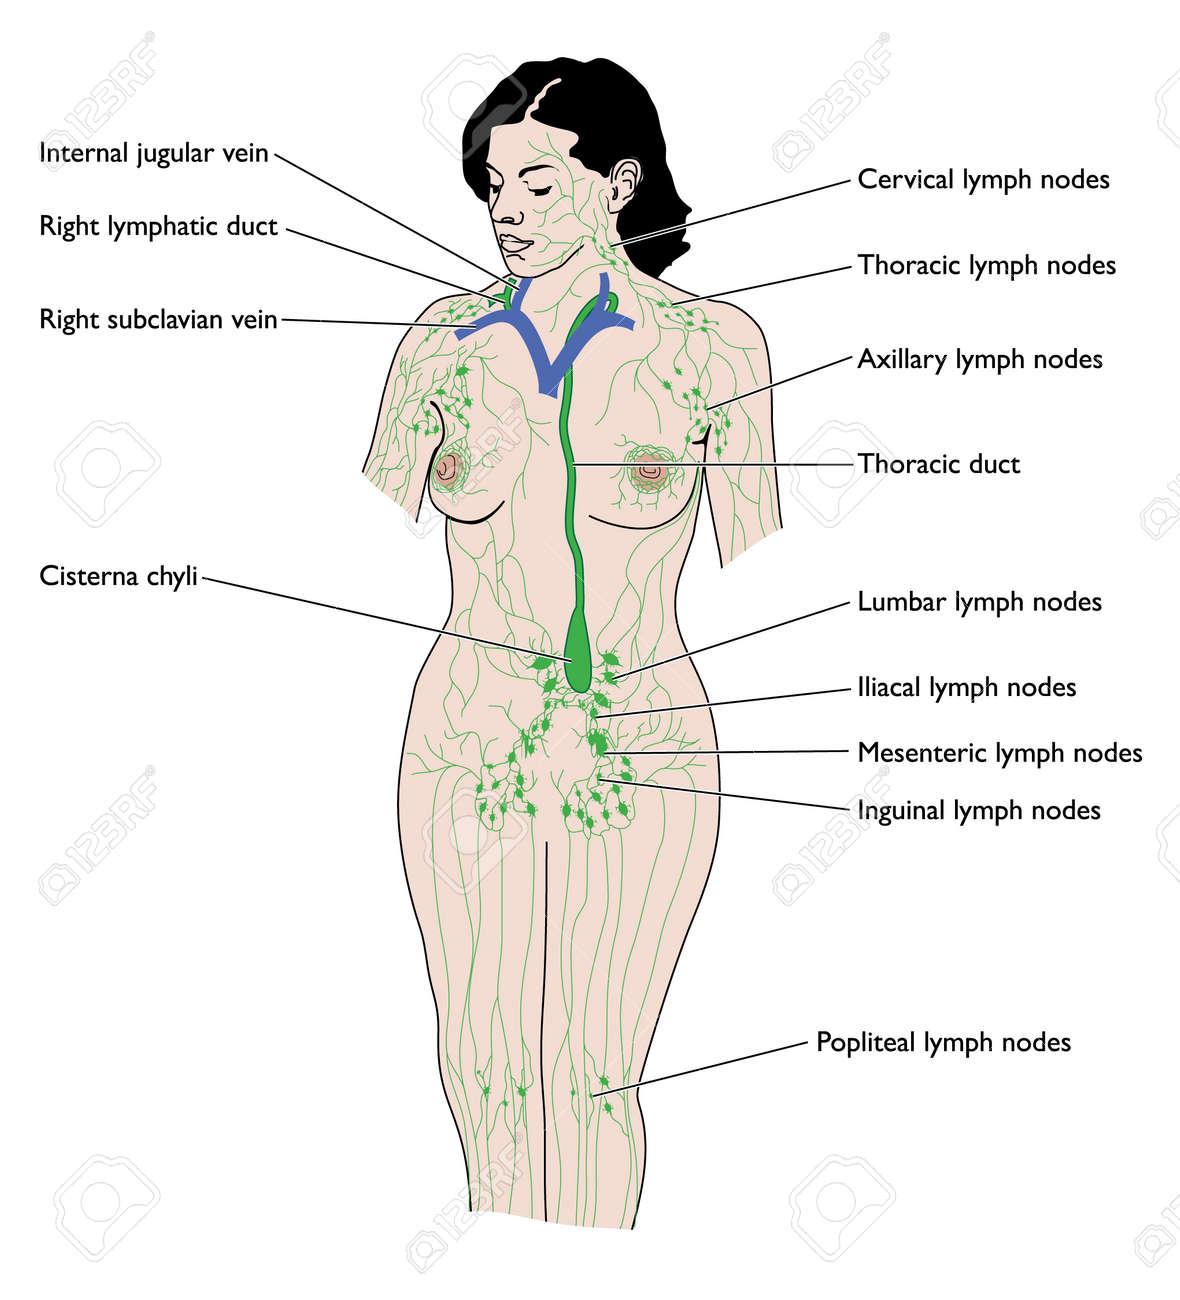 Dibujo Del Sistema Linfático Femenino Ilustraciones Vectoriales ...